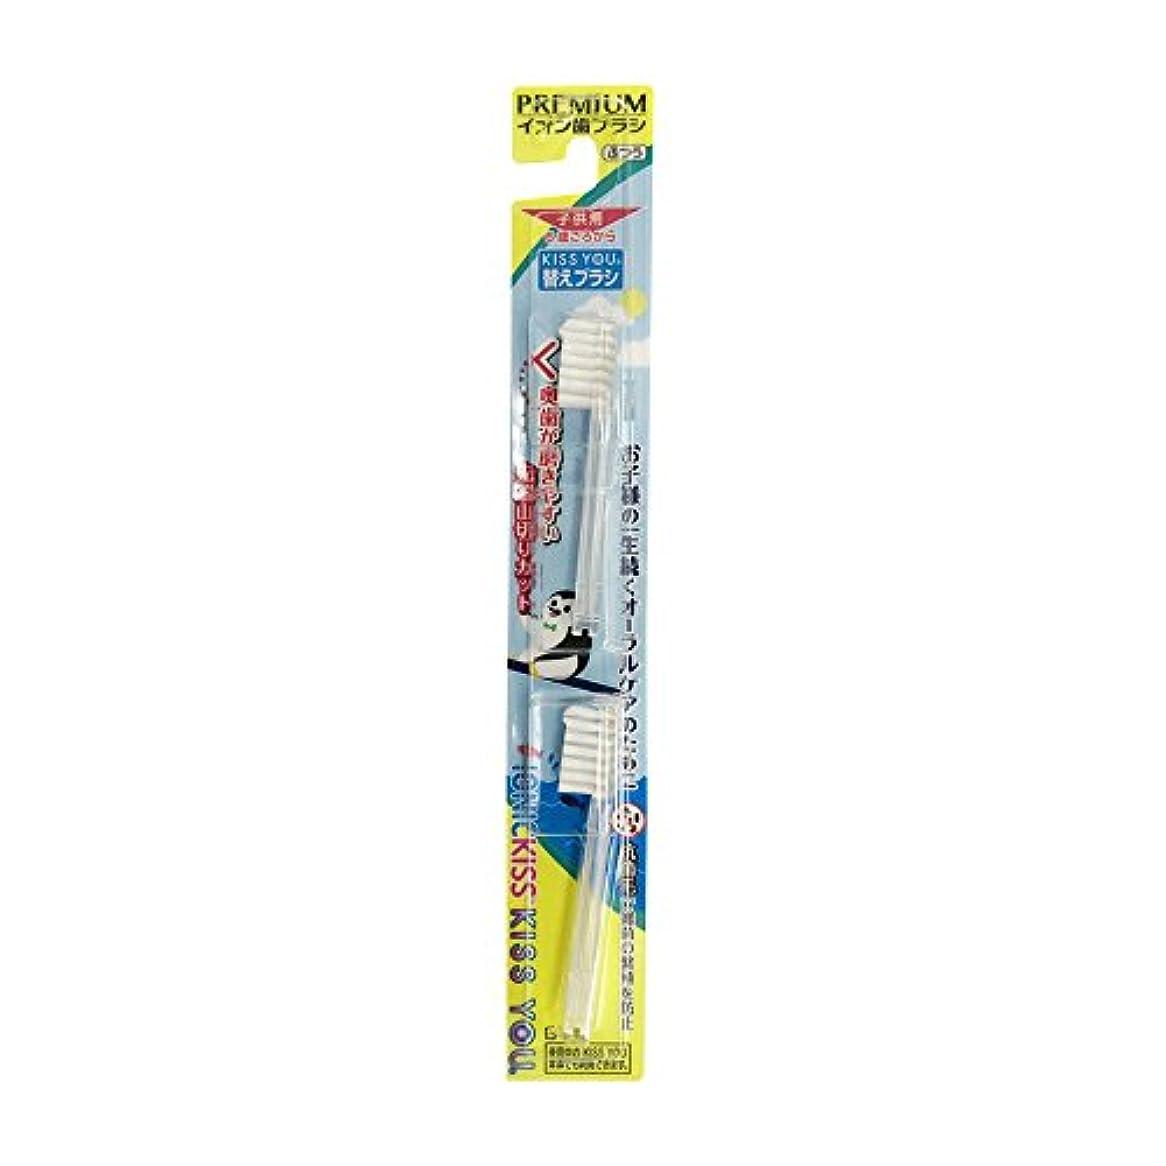 メダル常習者潜水艦スマート キスユー 子供歯ブラシ 替えブラシ 2P (2本)